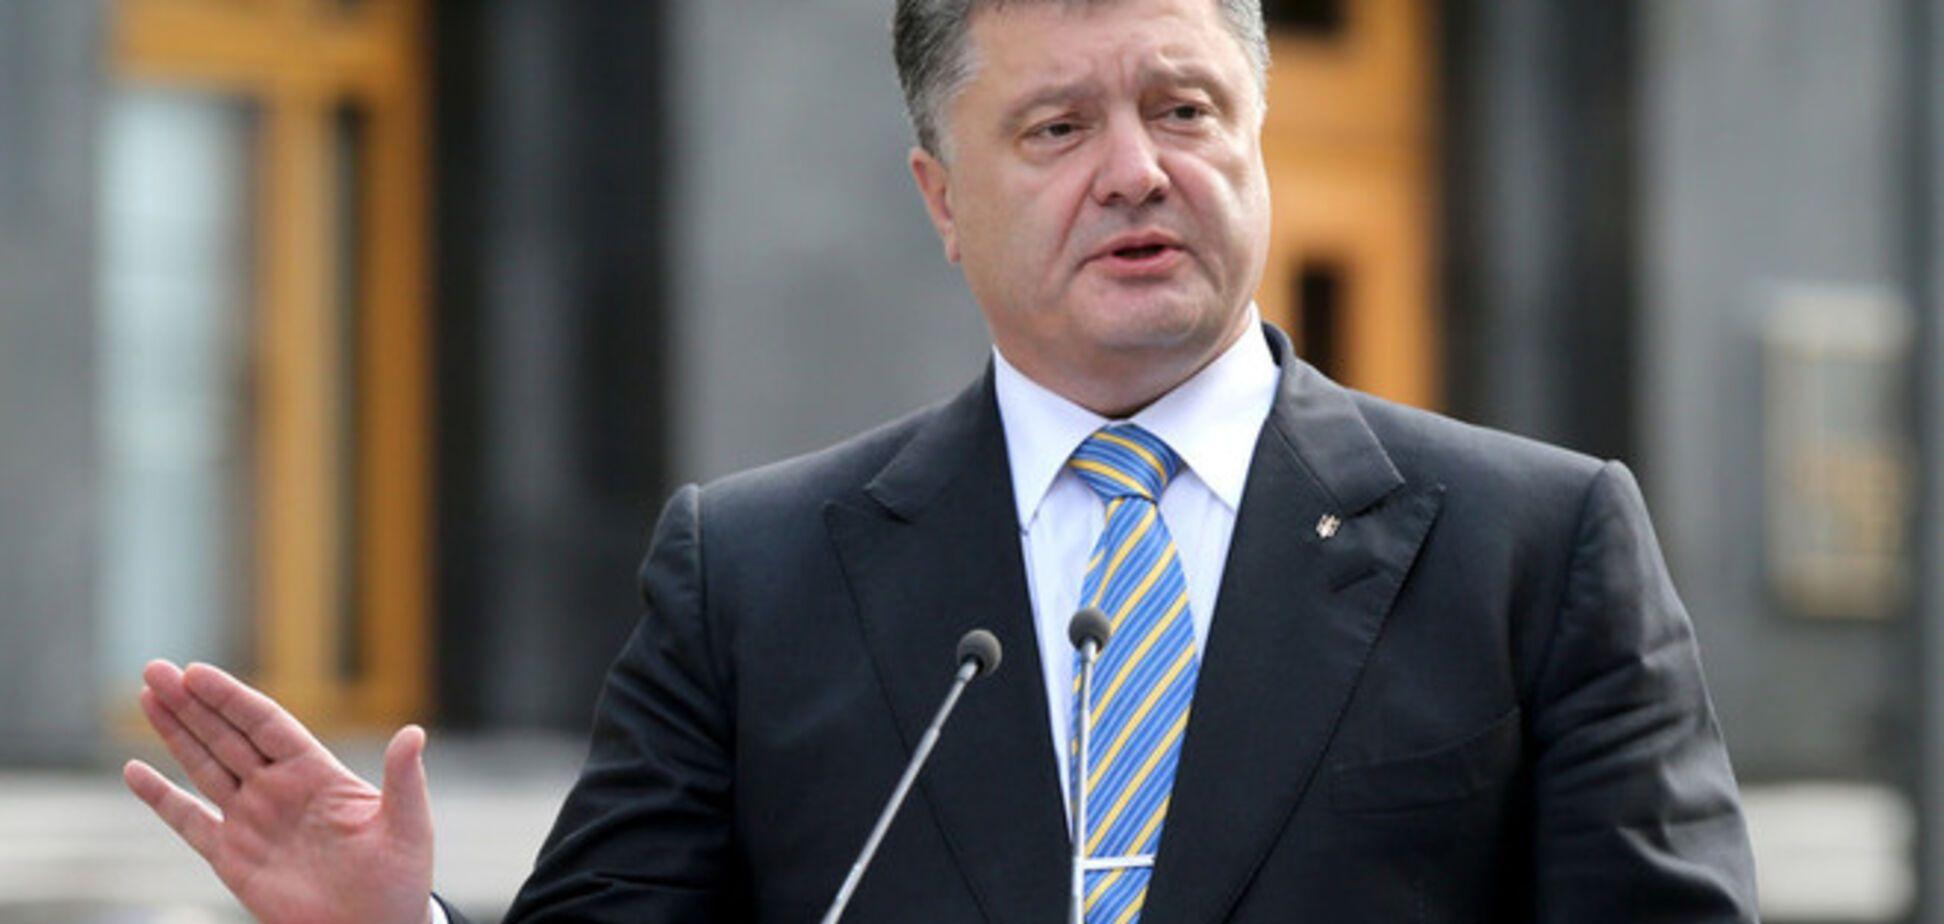 Сегодня первый день, когда в Украине никто не погиб и не ранен - Порошенко